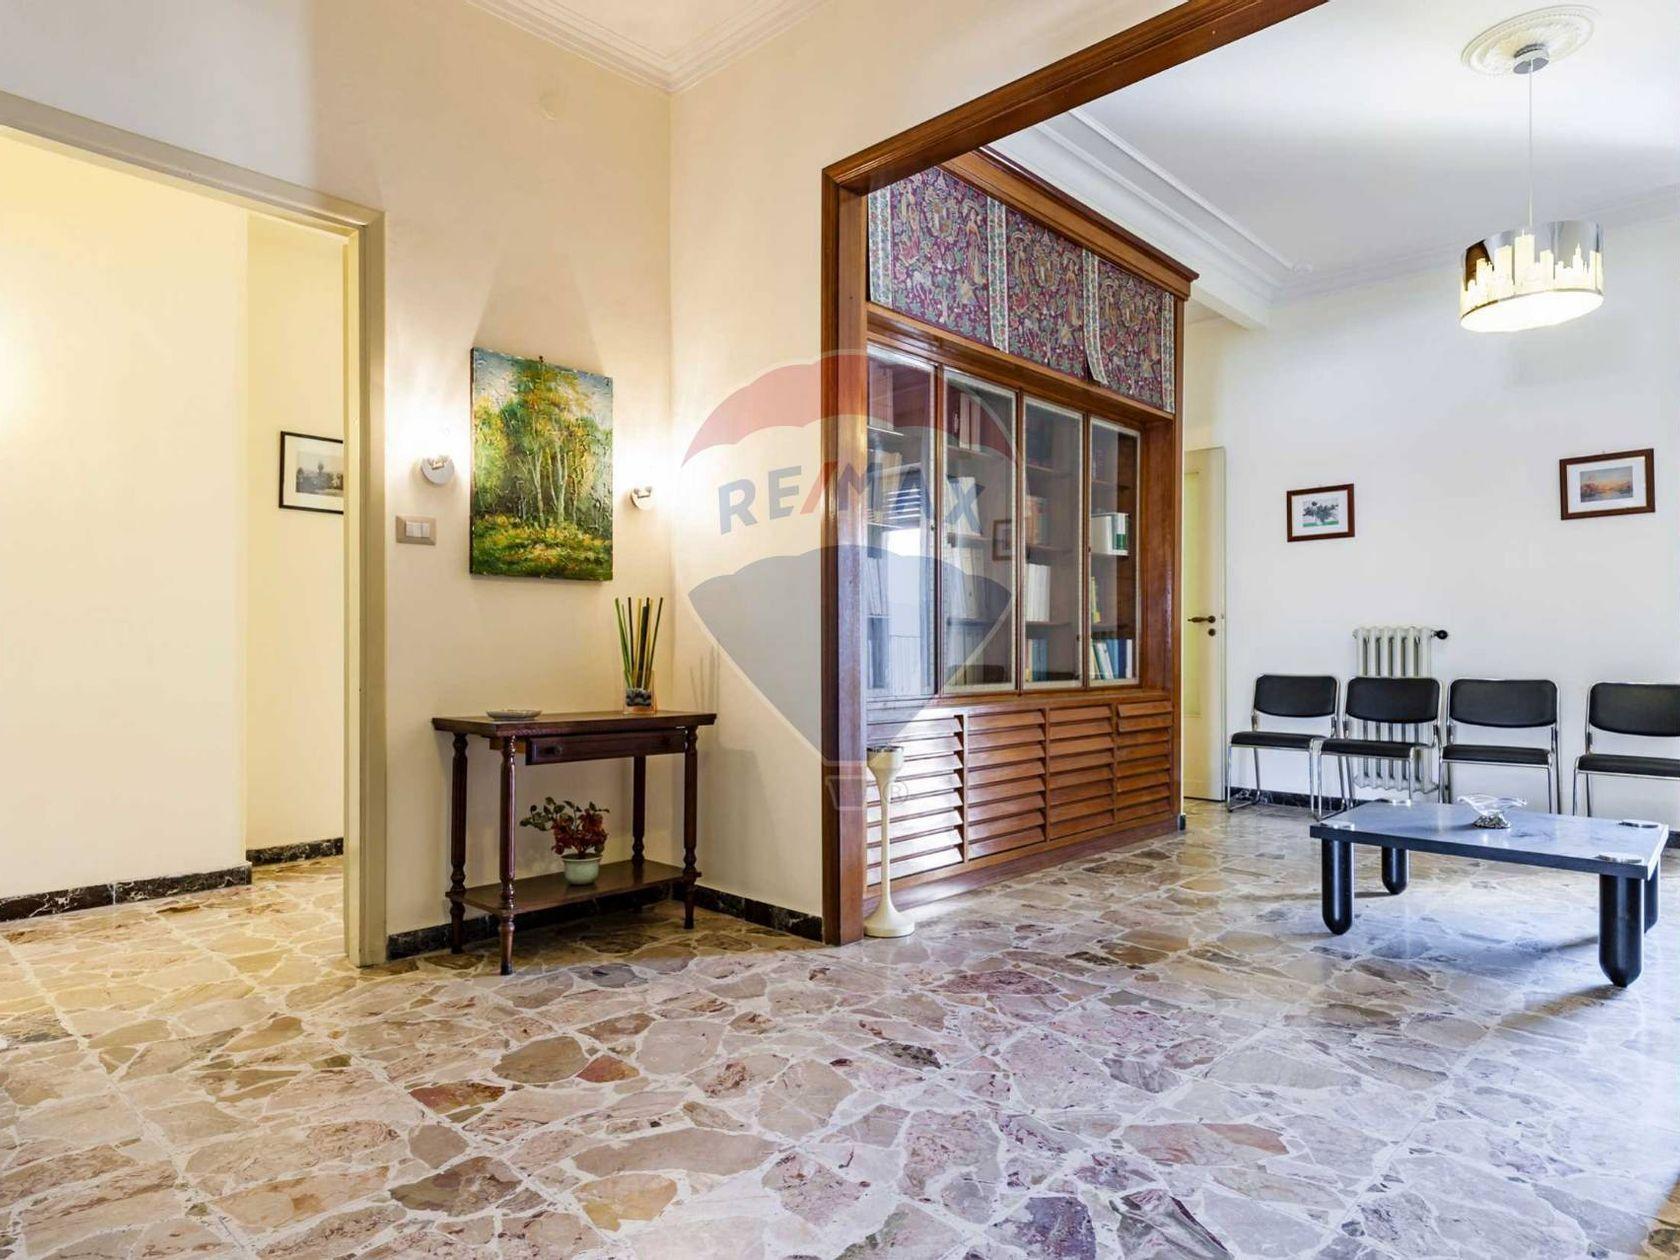 Appartamento Catania-borgo,sanzio,beccaria,lanza,cibali, Catania, CT Vendita - Foto 3